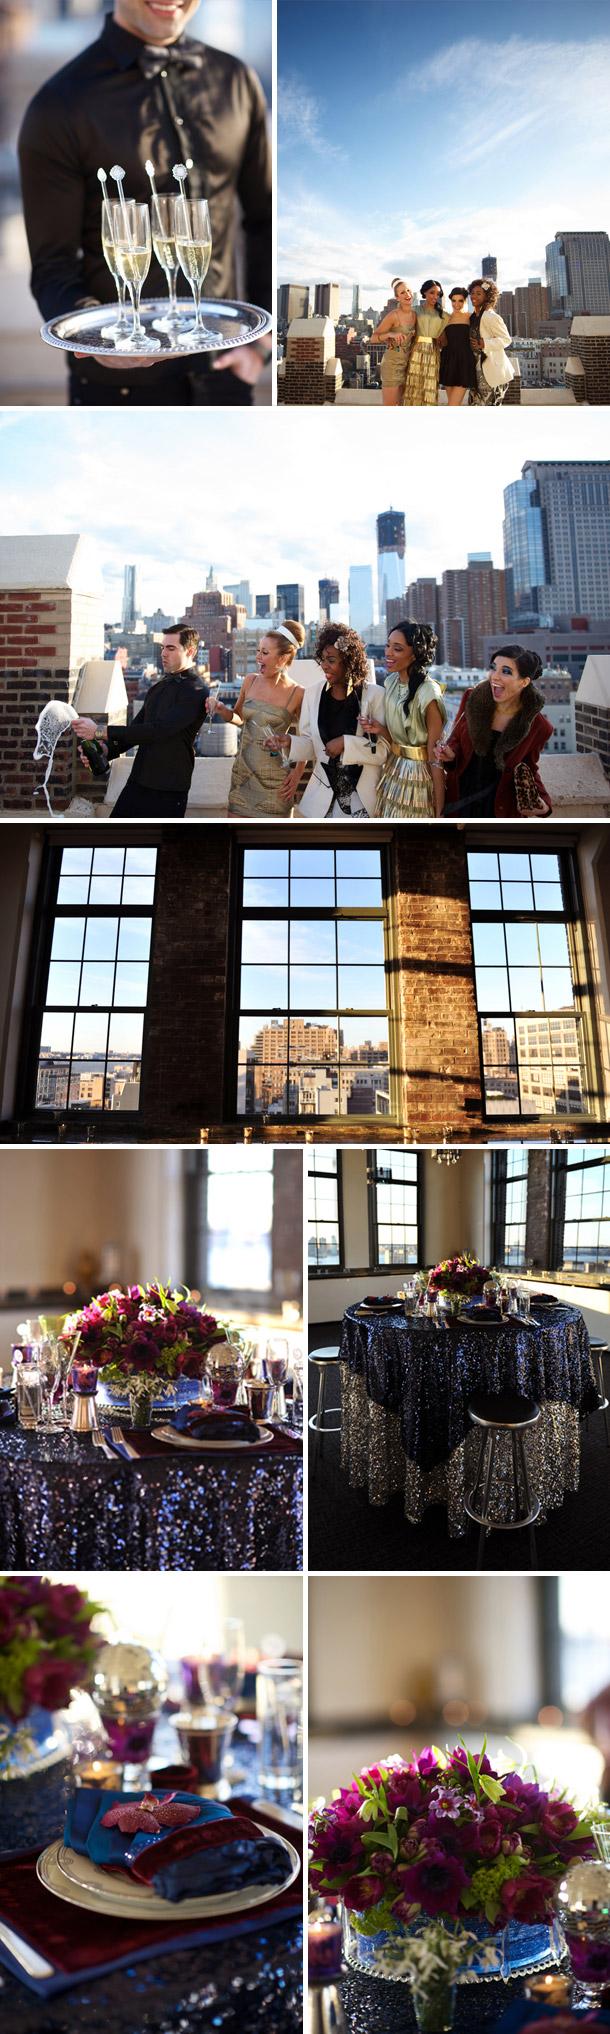 Brautkleid Shopping in New York von Andrea & Marcus